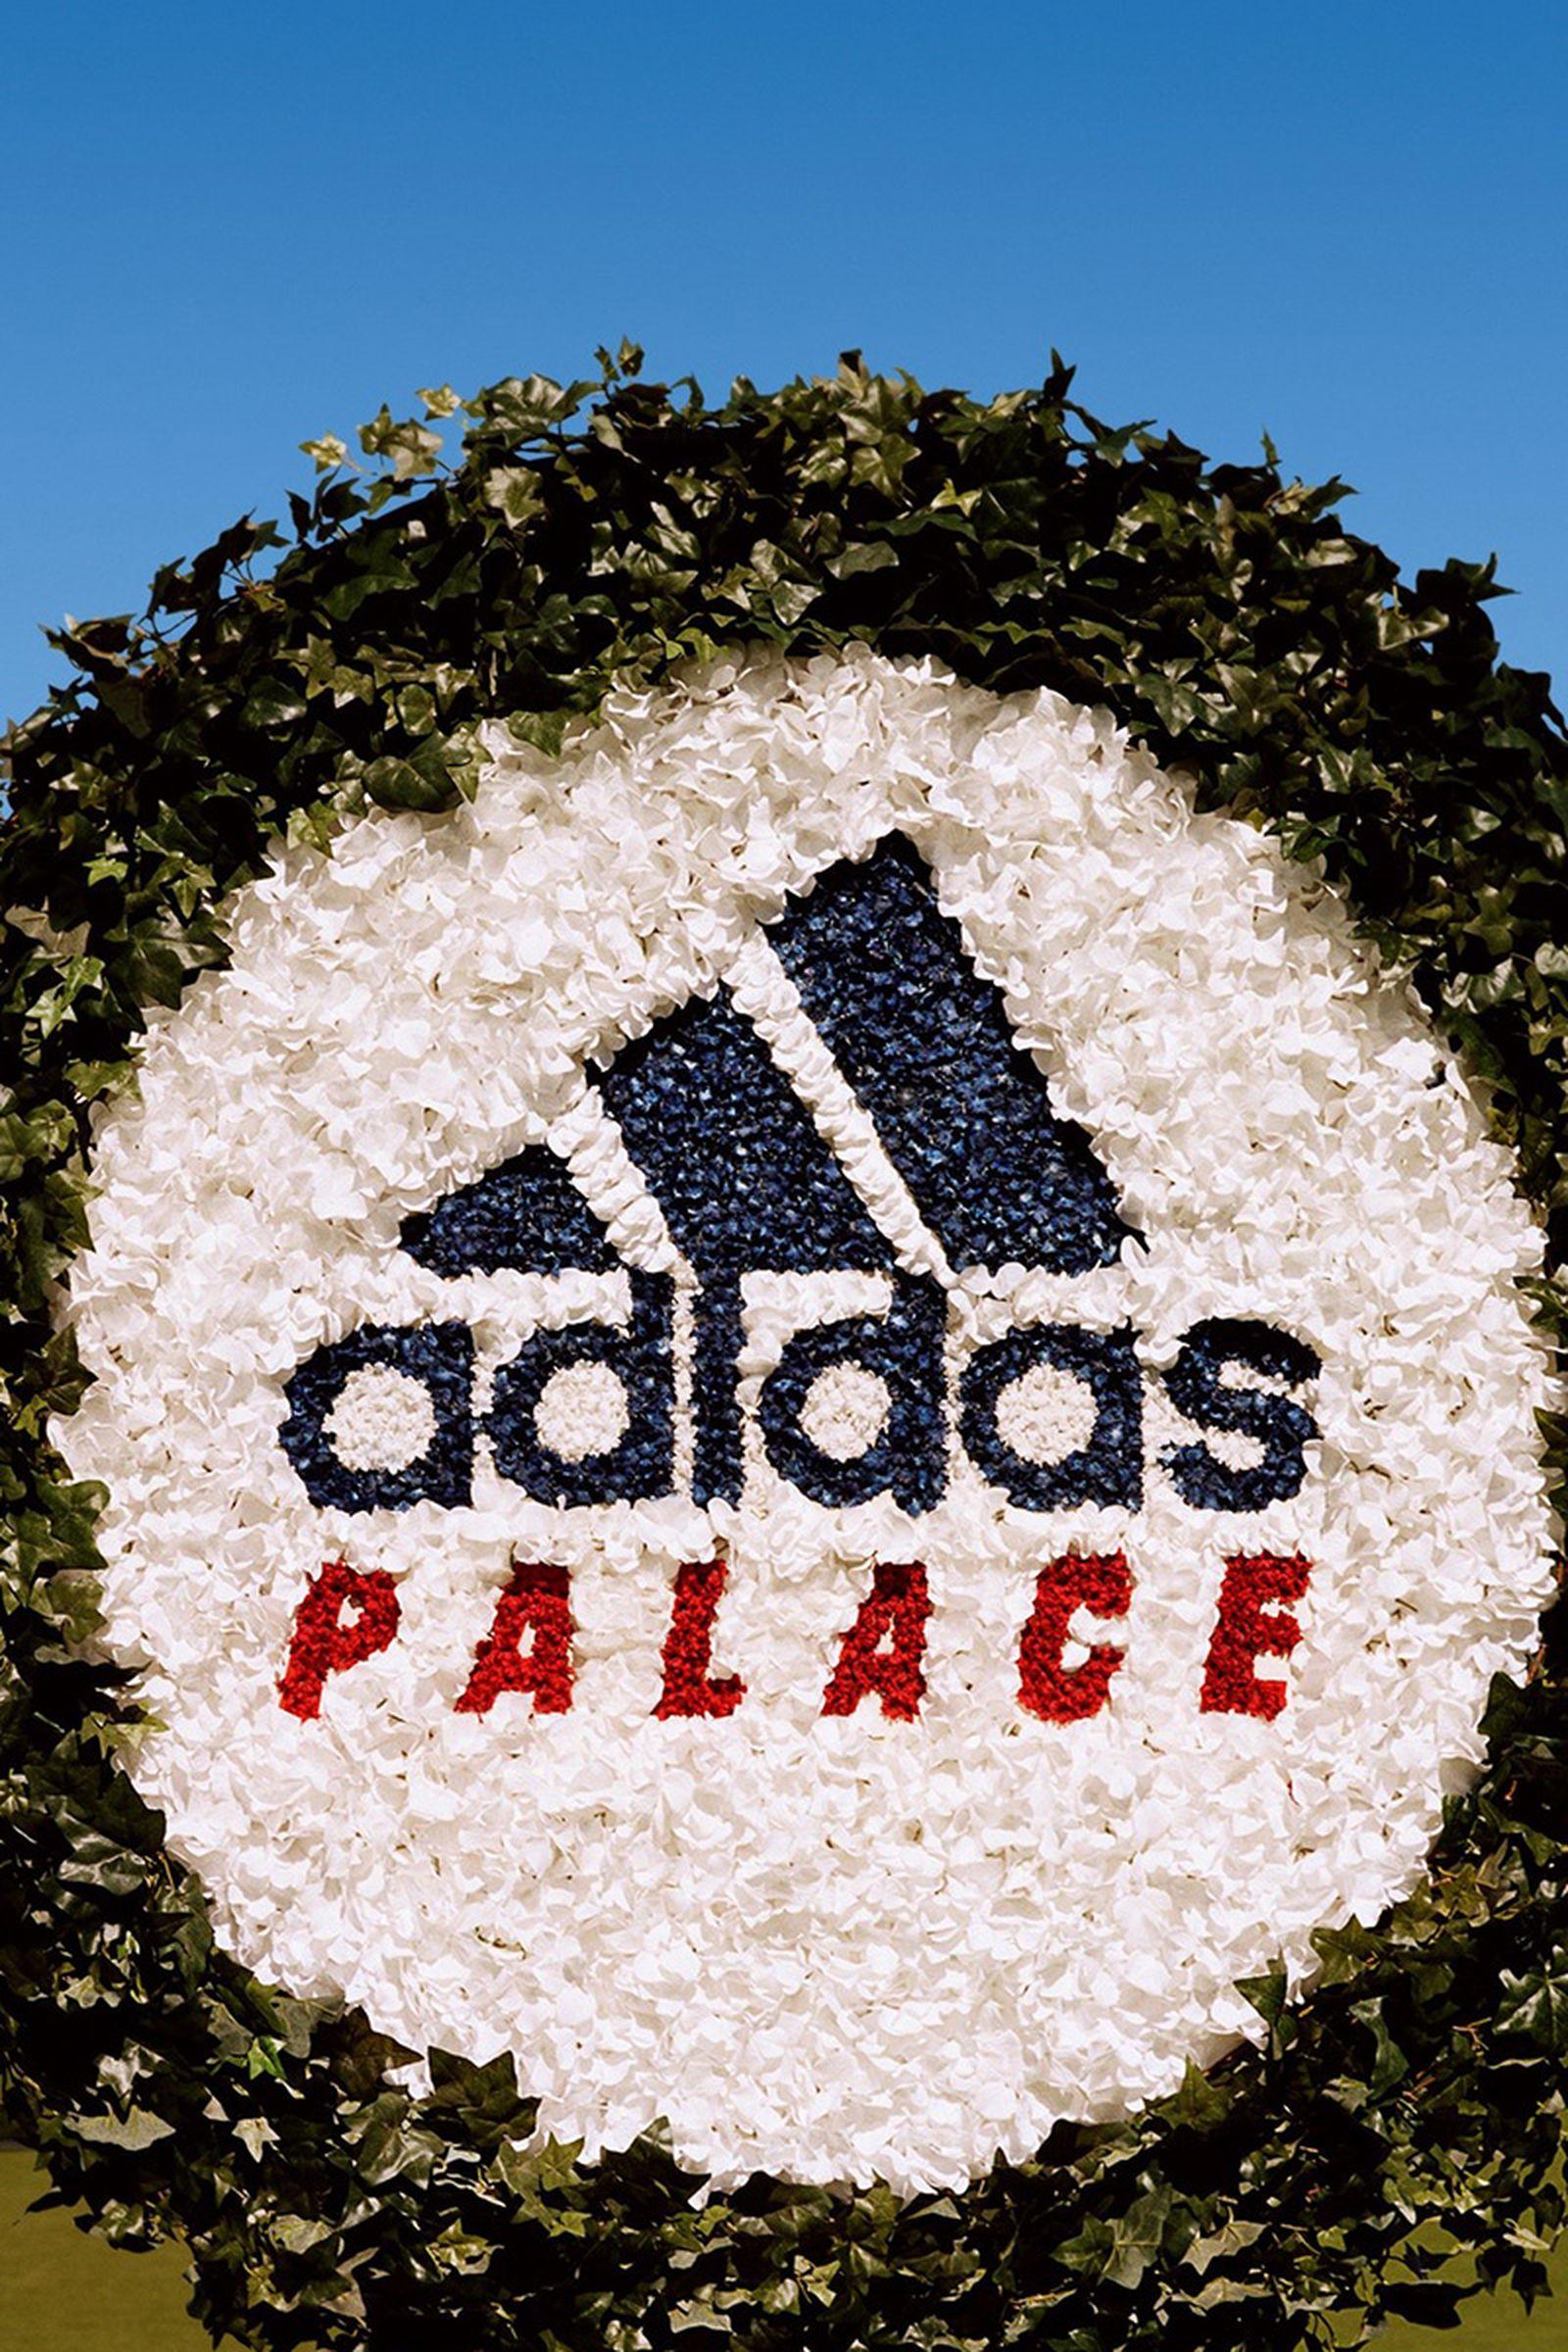 adidas originals palace tennis11 Wimbledon adidas Originals x Palace adidas tennis x palace